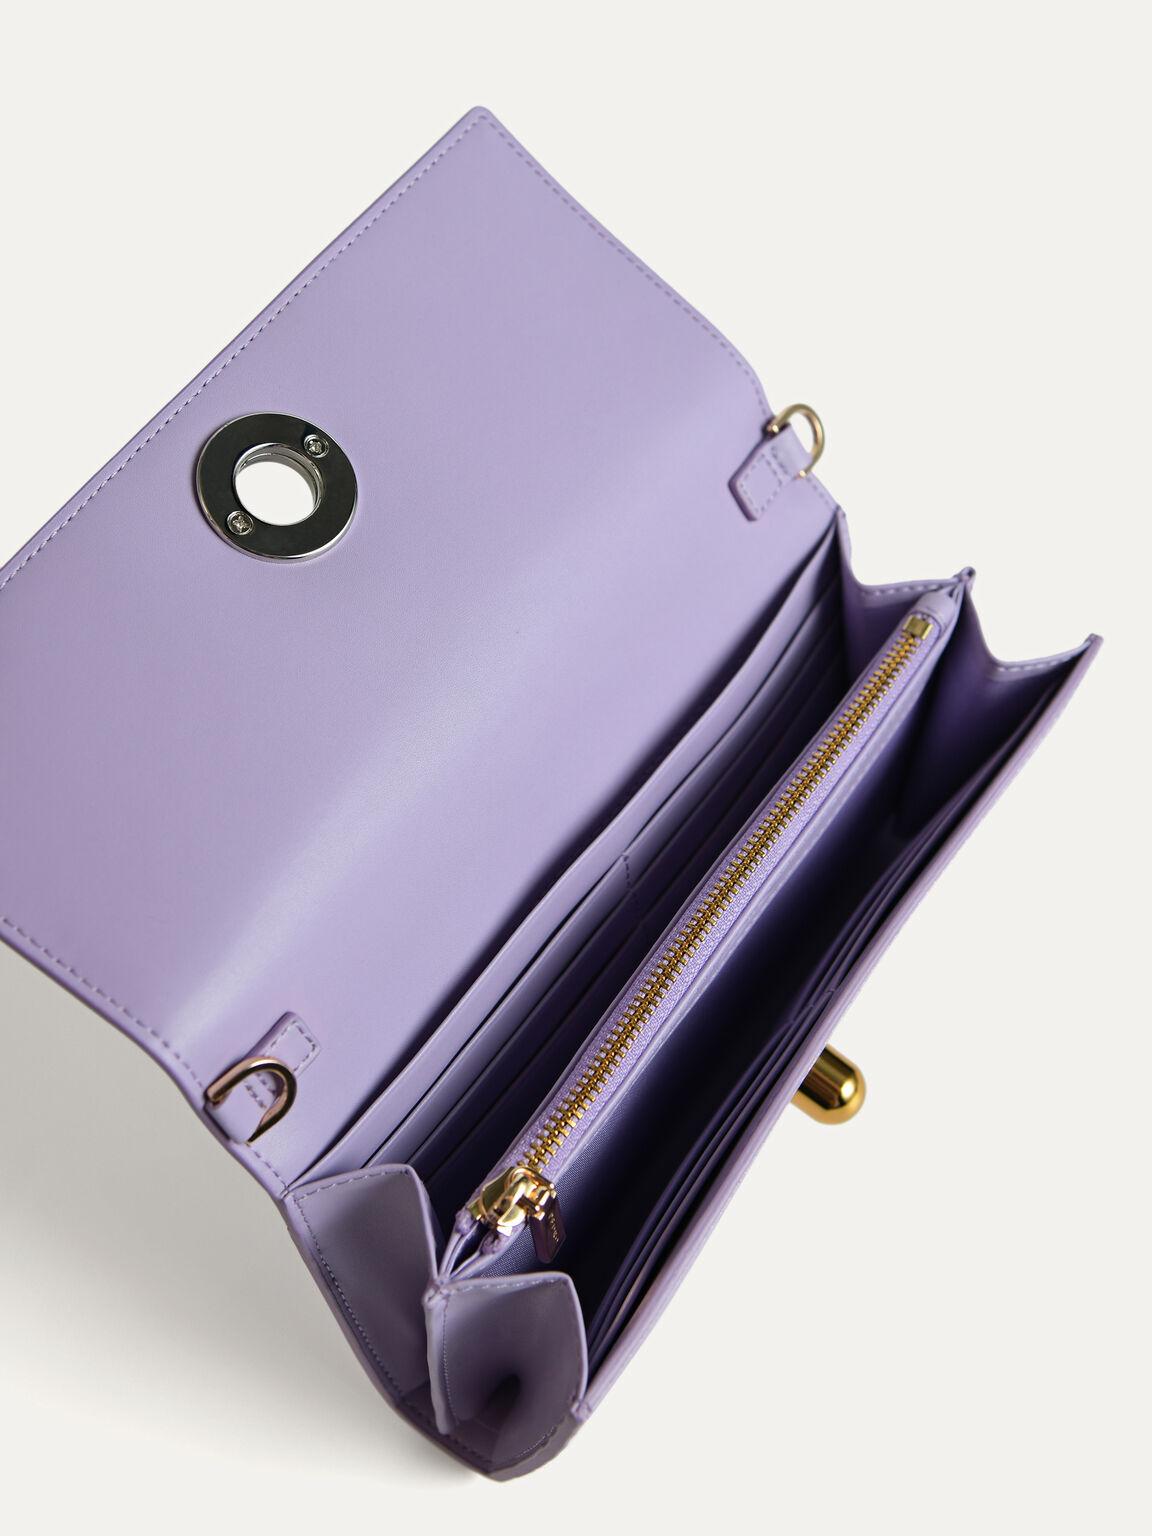 Leather Bi-Fold Wallet with Detachable Chain, Mauve, hi-res